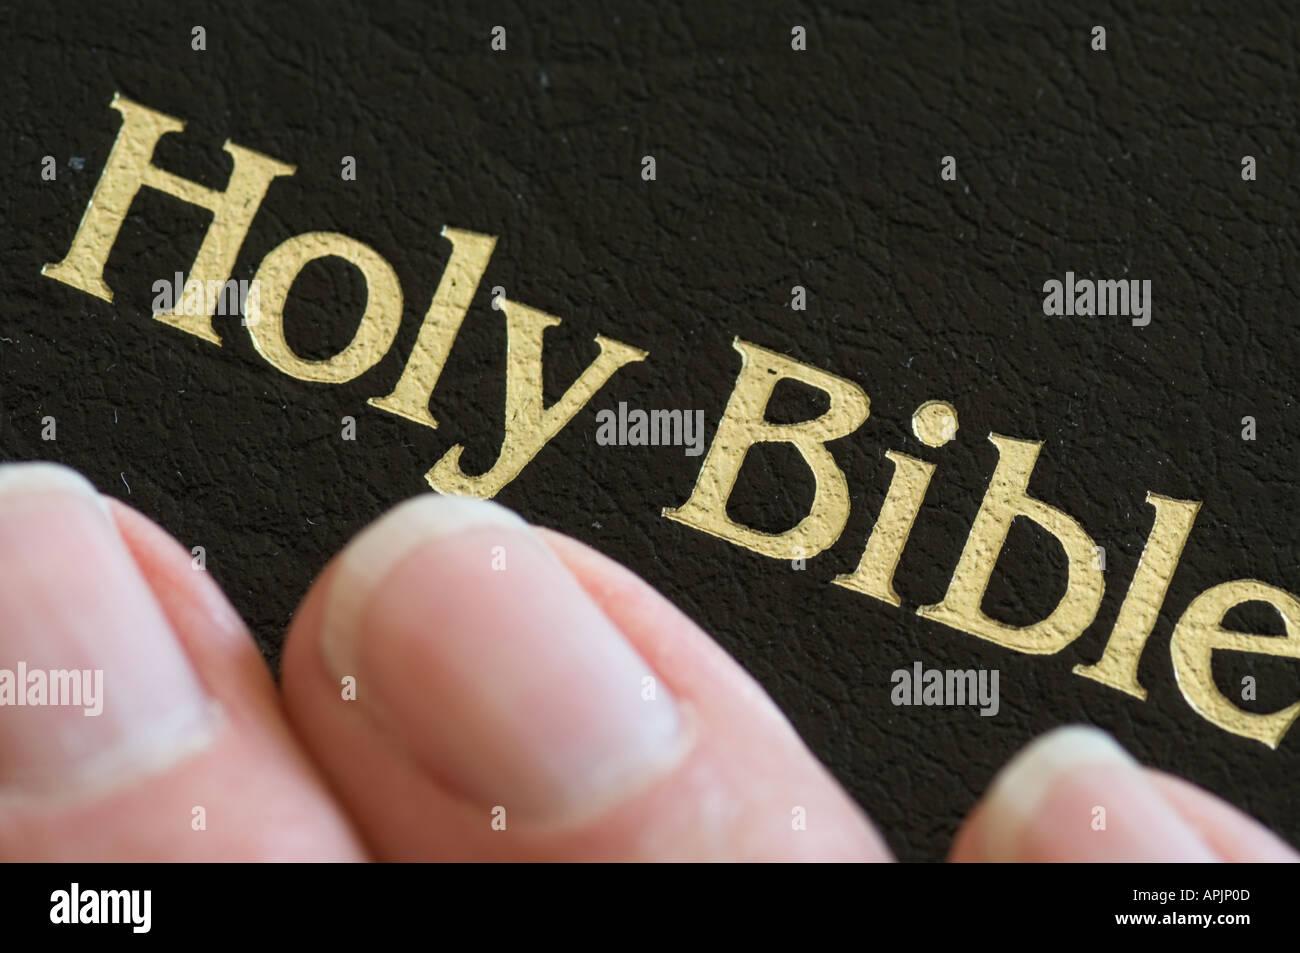 La main libre de toucher à la Sainte Bible durant la prière Banque D'Images